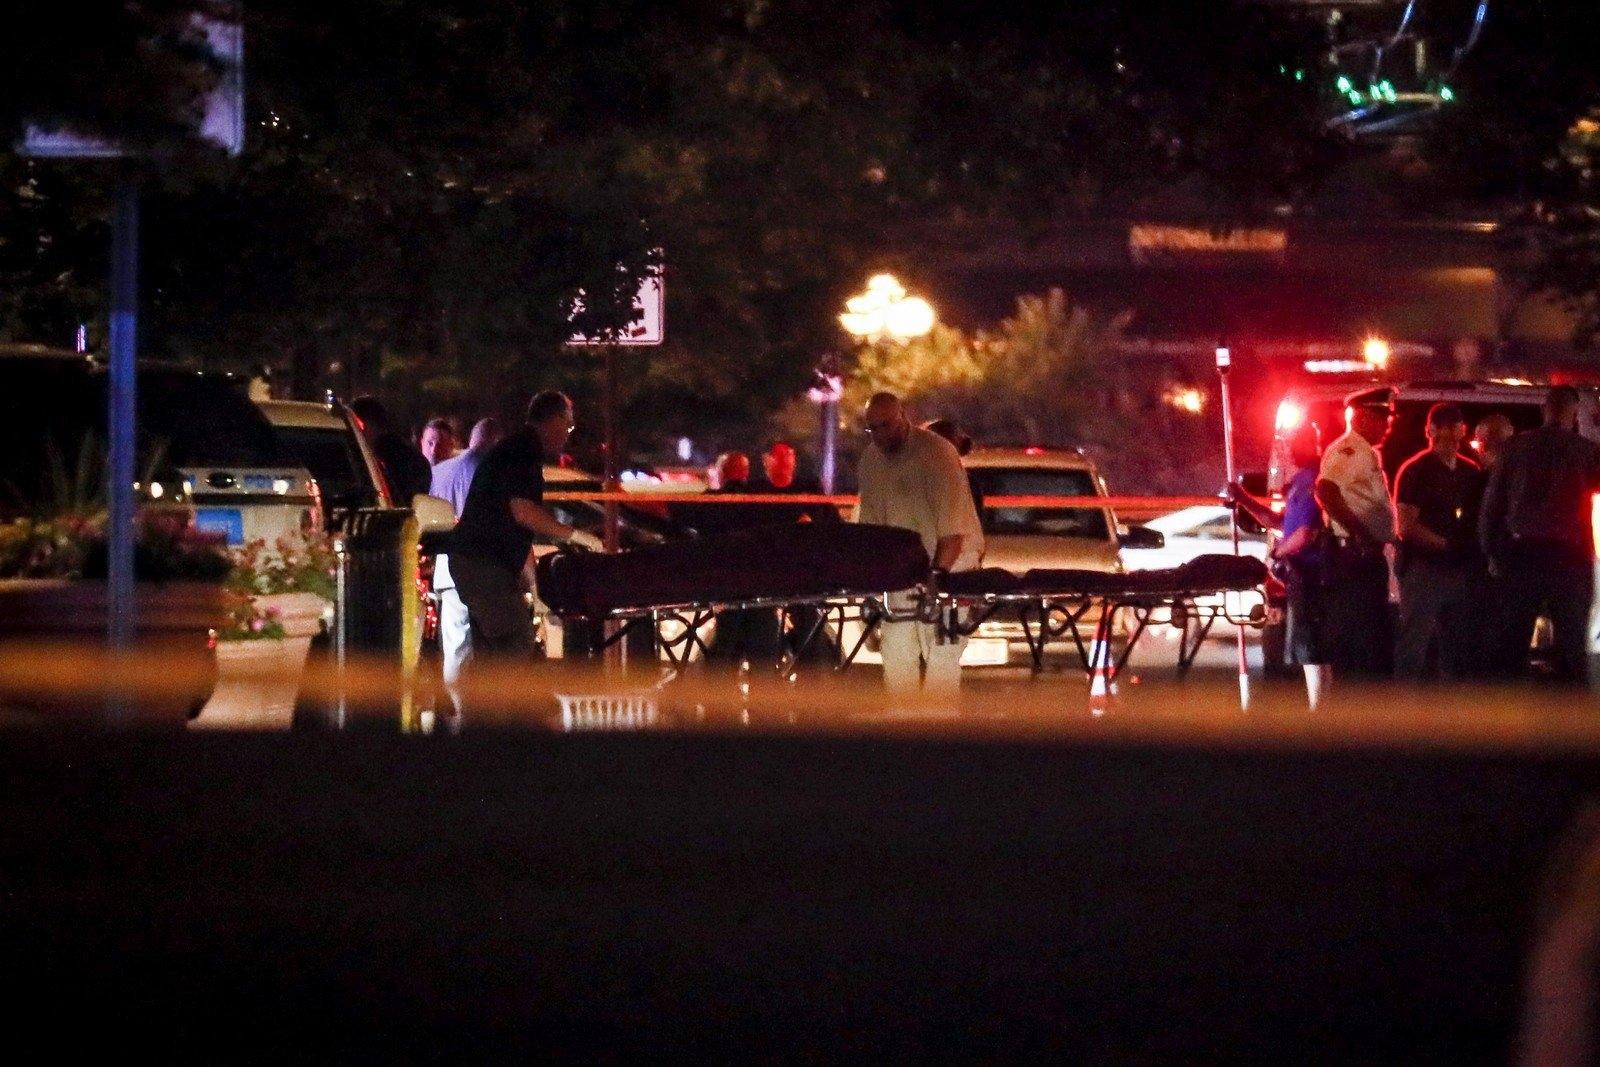 """Pastores dizem que aumento de tiroteios reflete crise espiritual: """"Precisamos despertar"""""""